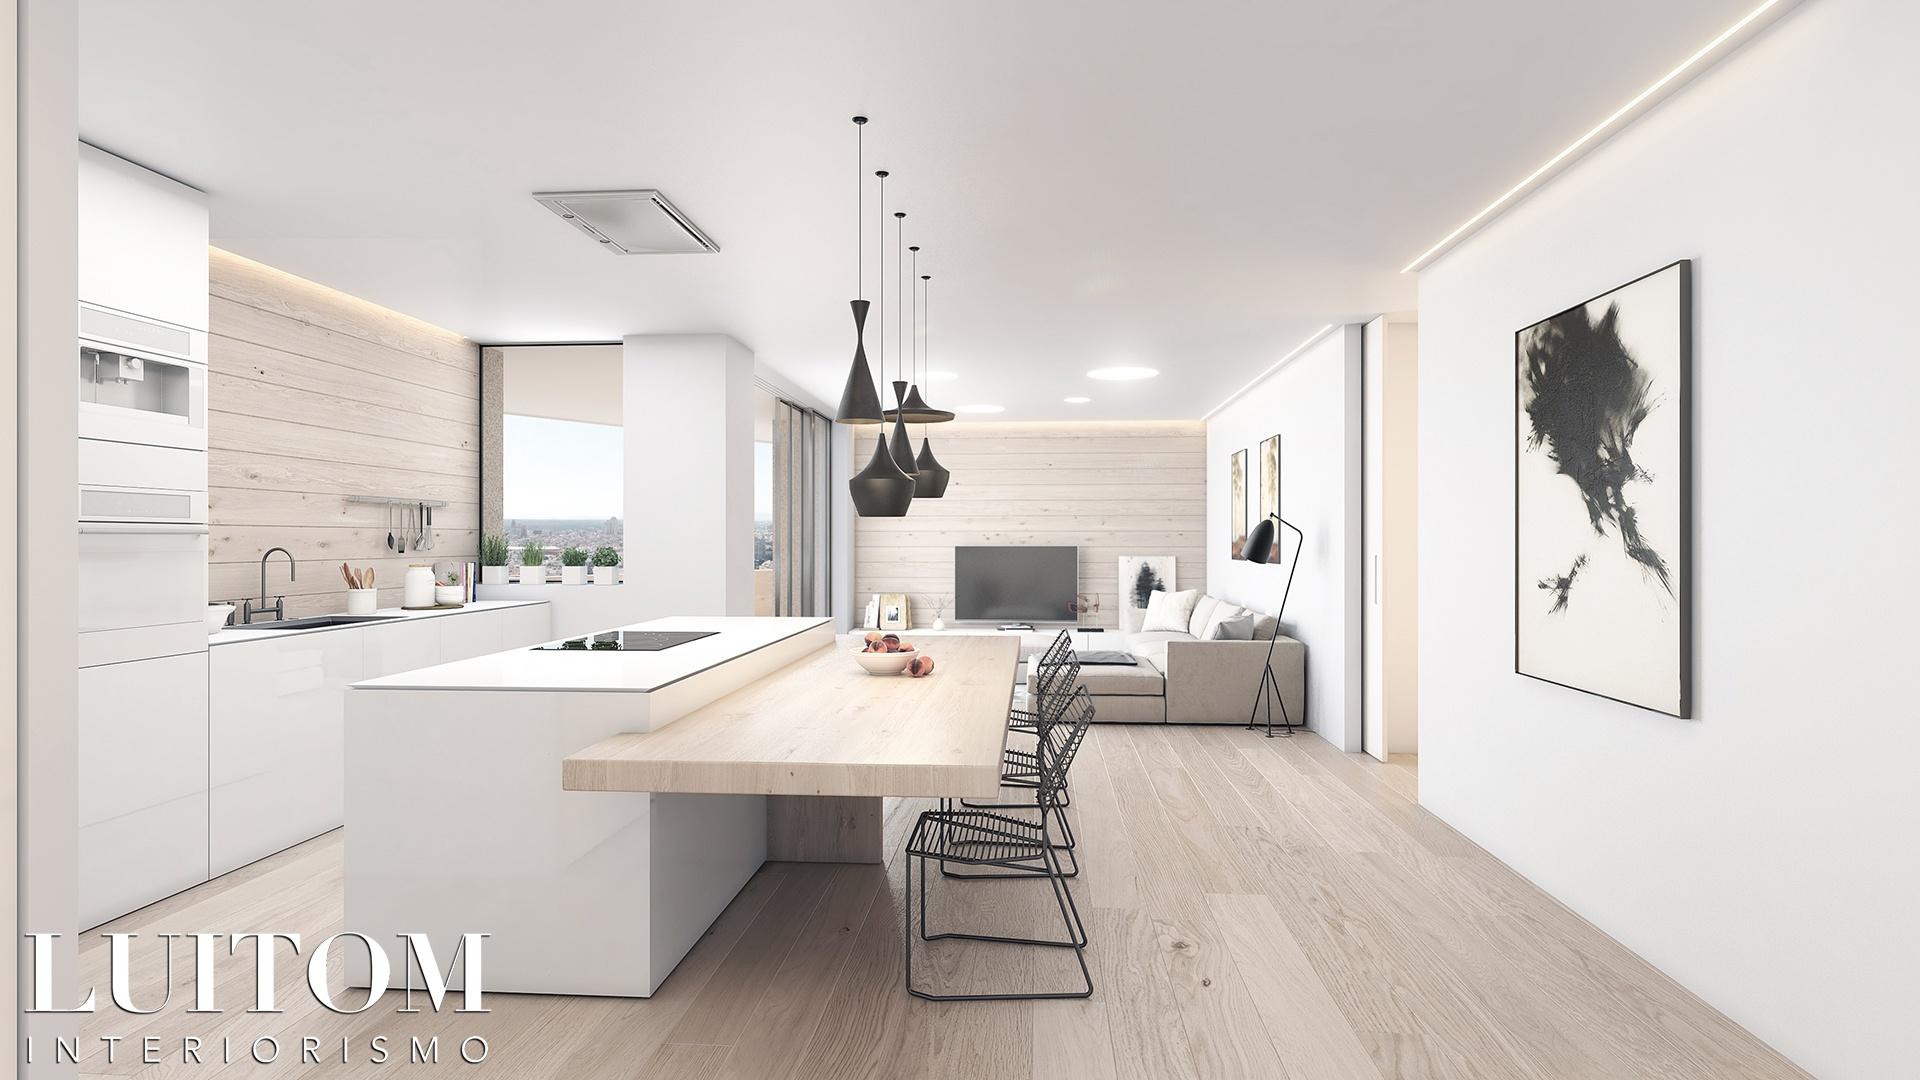 ideas-integrar-unir-cocina-salon-decoracion-cocinas-modernas-modern-kitchen-designs-05